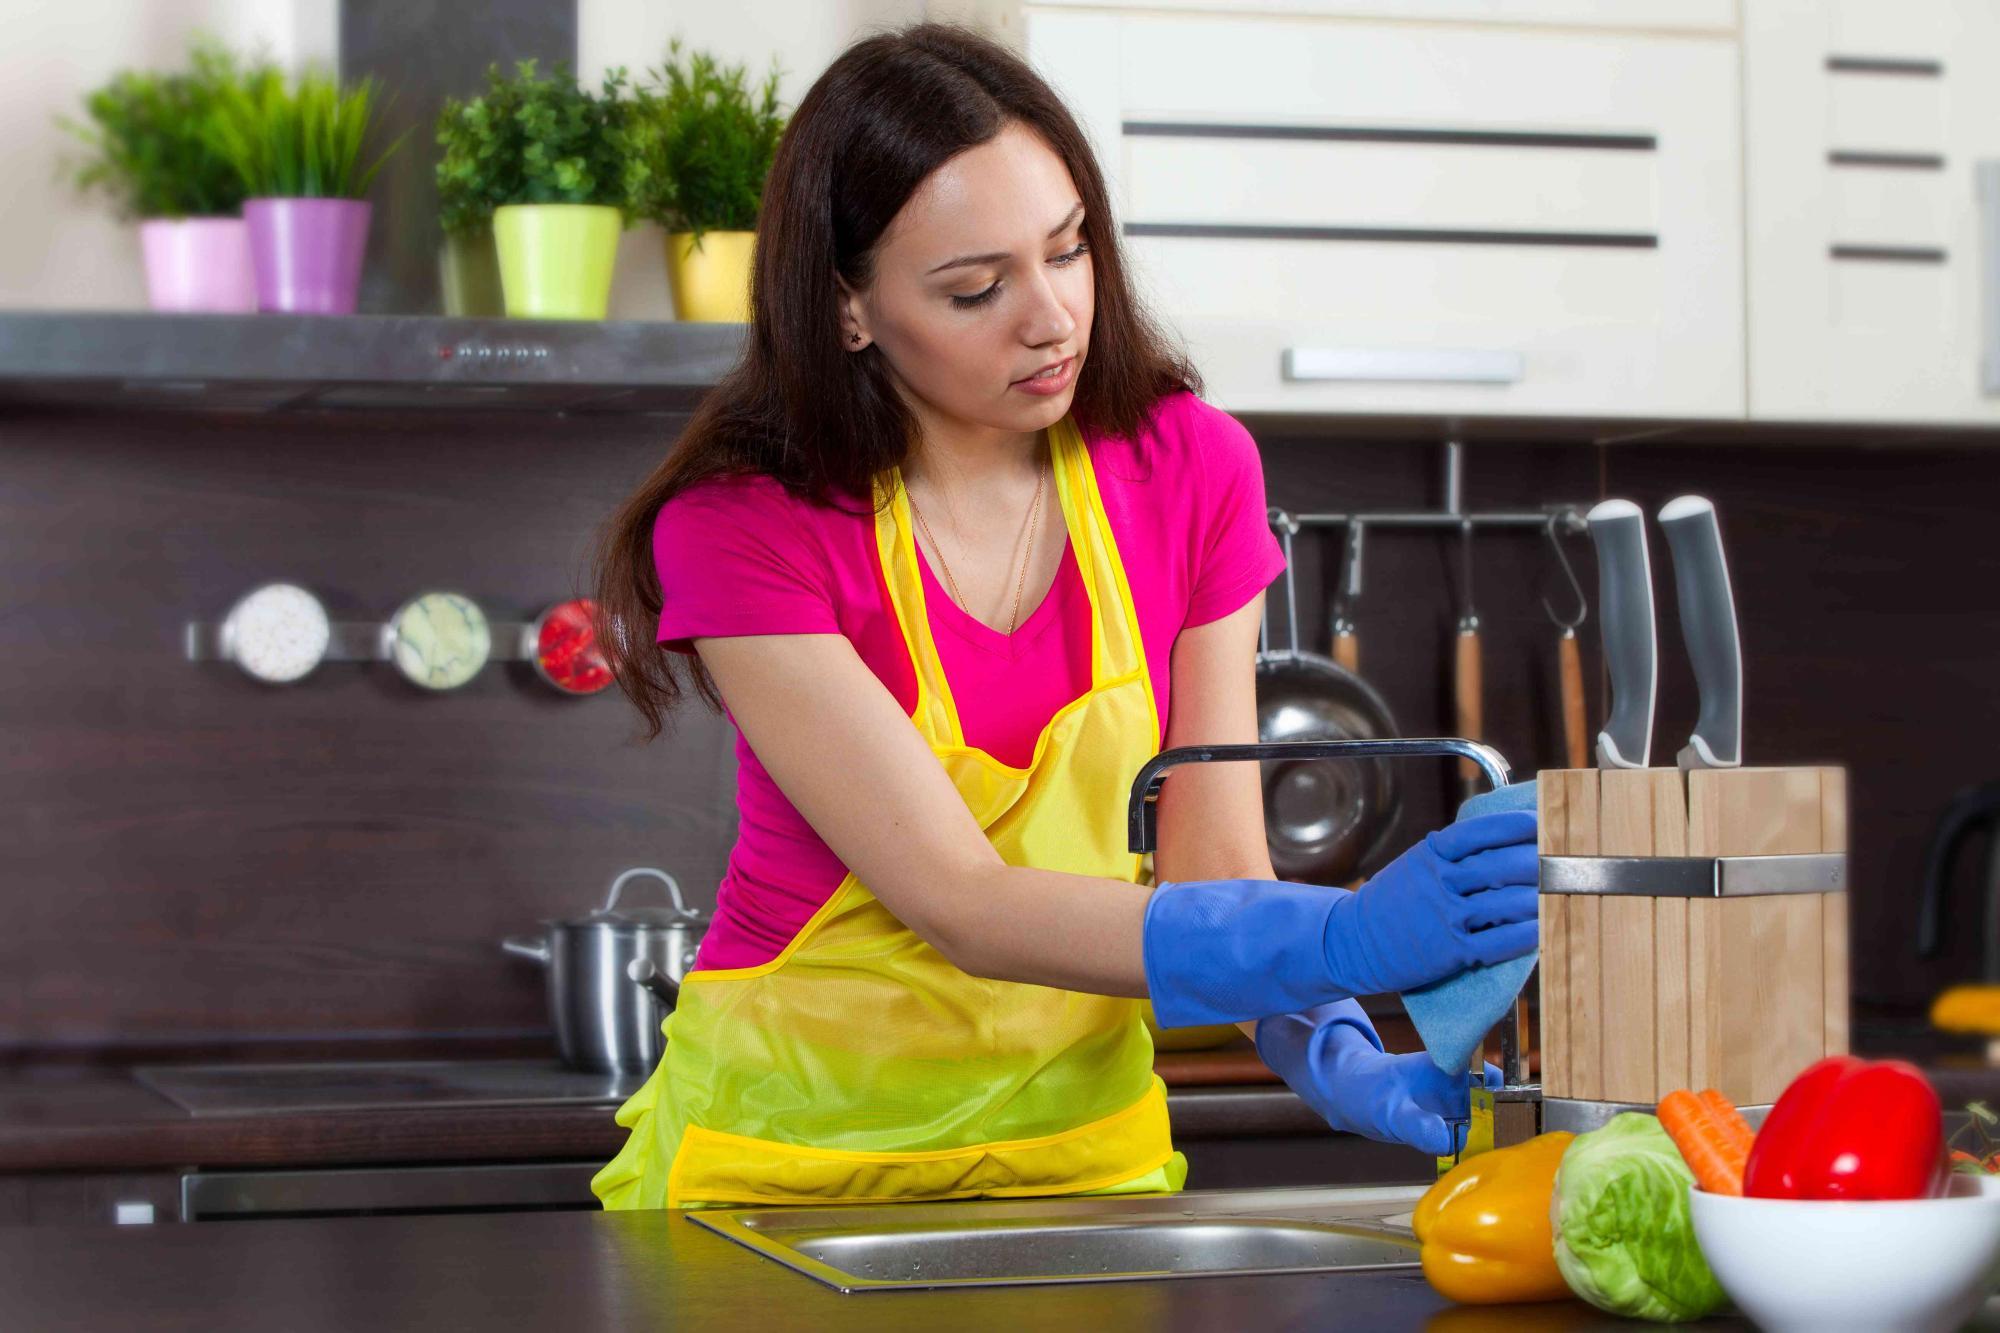 صورة تنظيف المنزل , منزل نظيف ملئ بالضيوف